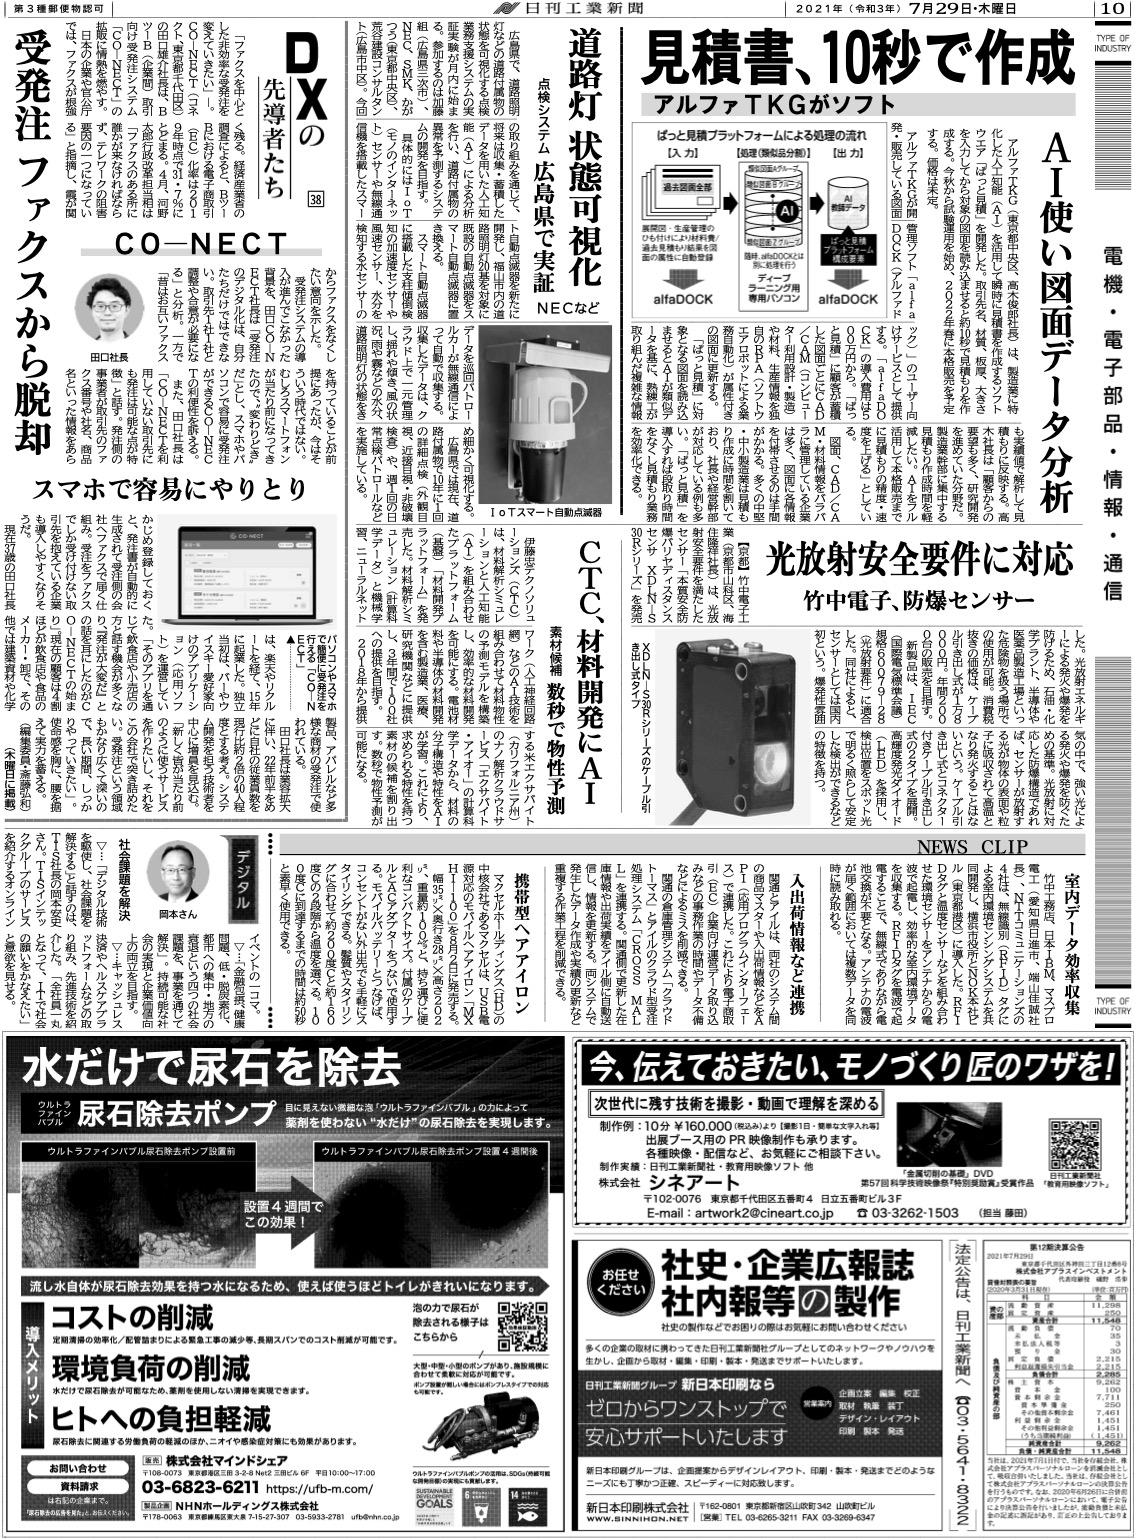 日刊工業新聞掲載記事20210729